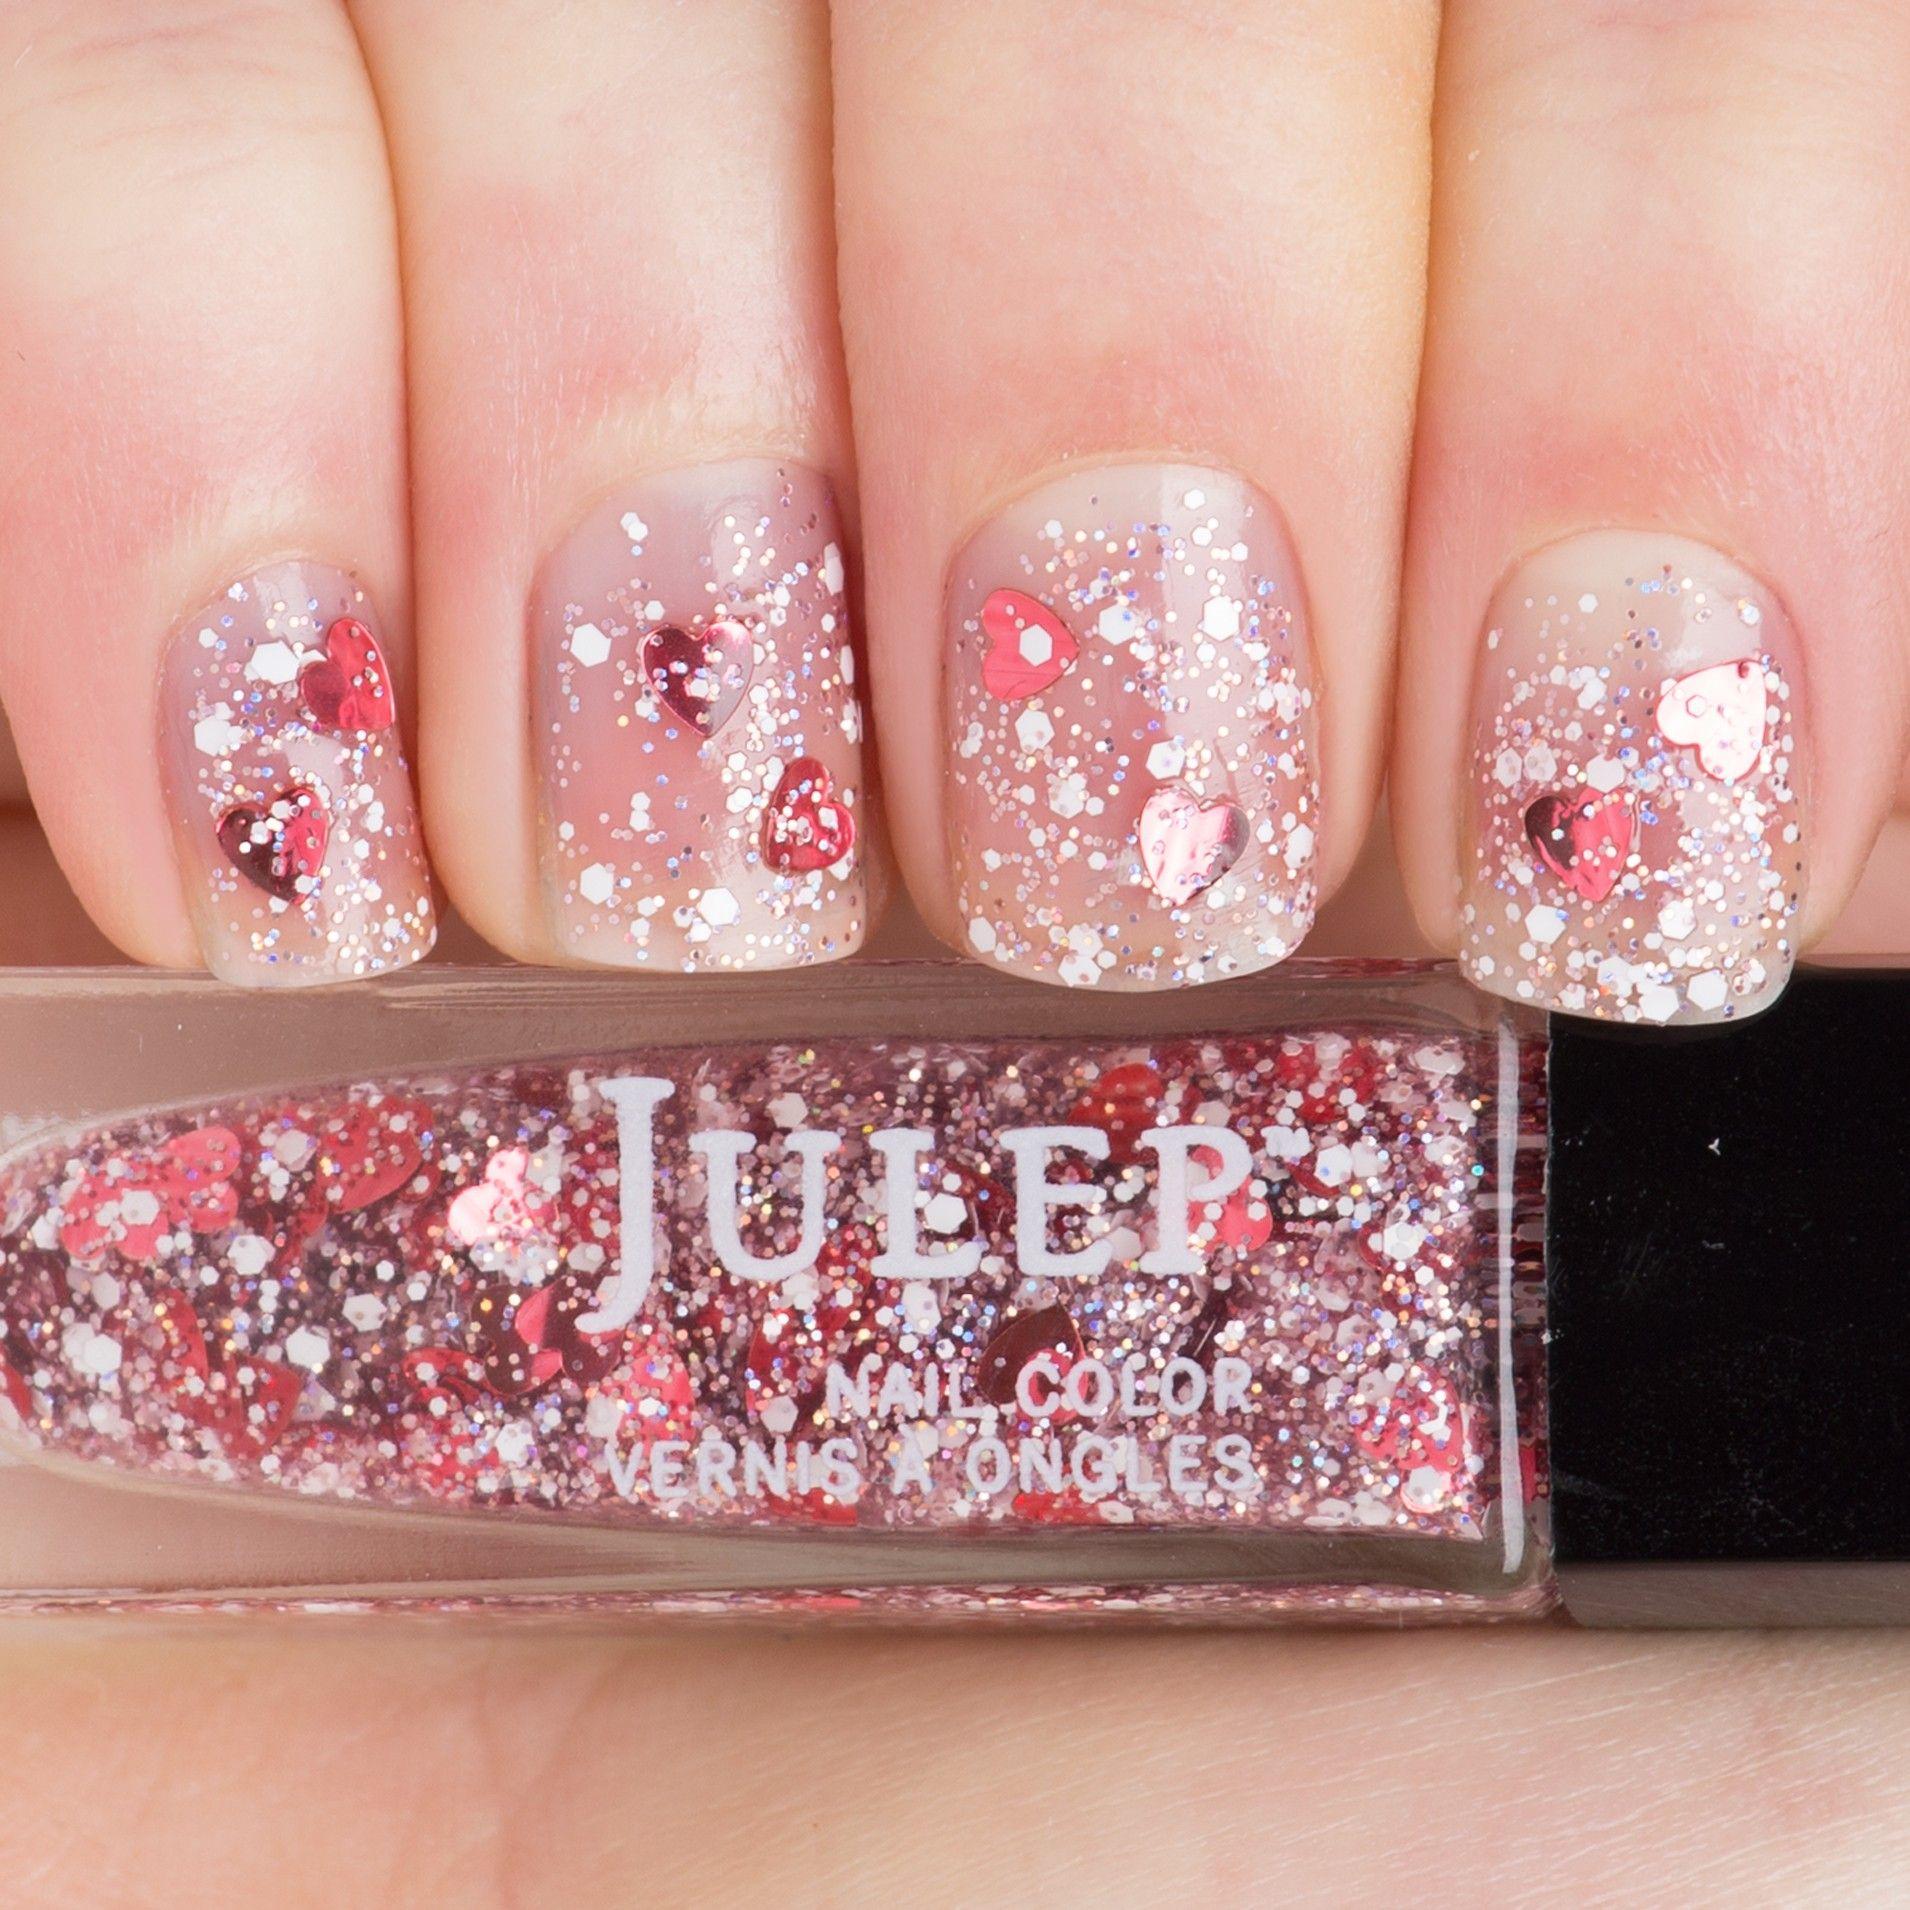 Hartleigh - Holographic heart glitter top coat | JULEP | Pinterest ...